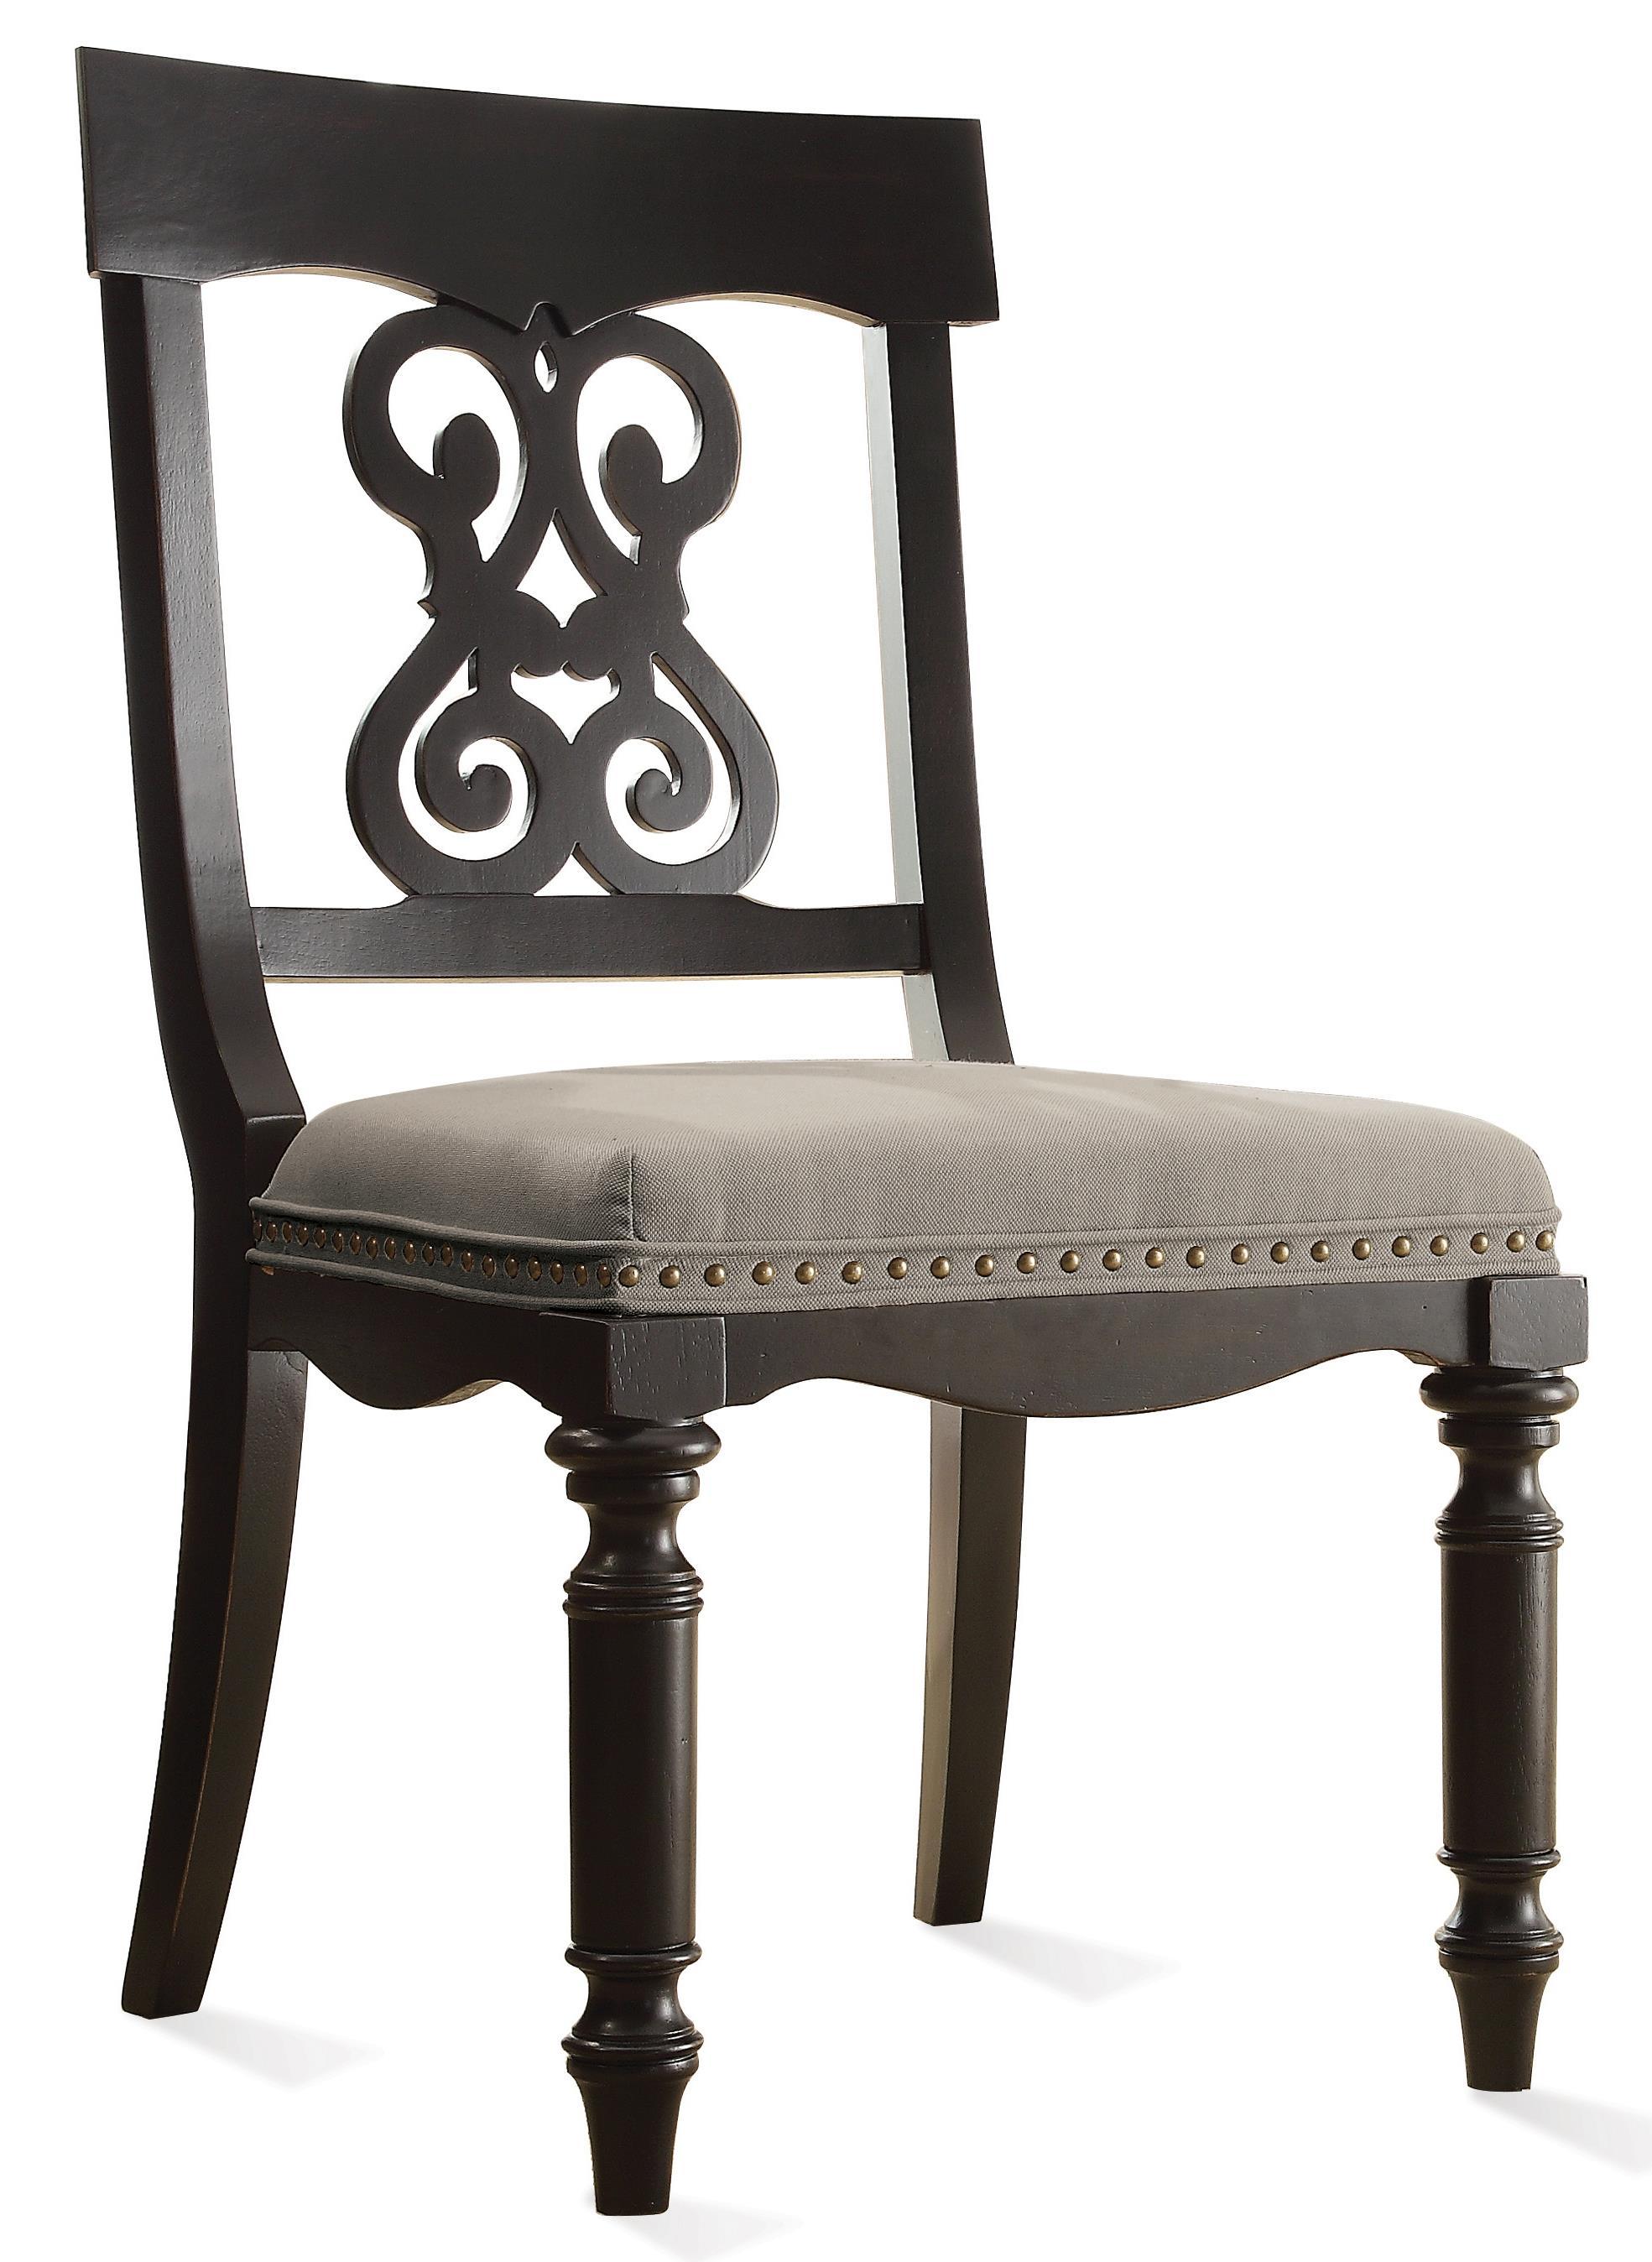 Riverside Furniture Belmeade Scroll Upholstered Side Chair - Item Number: 15957